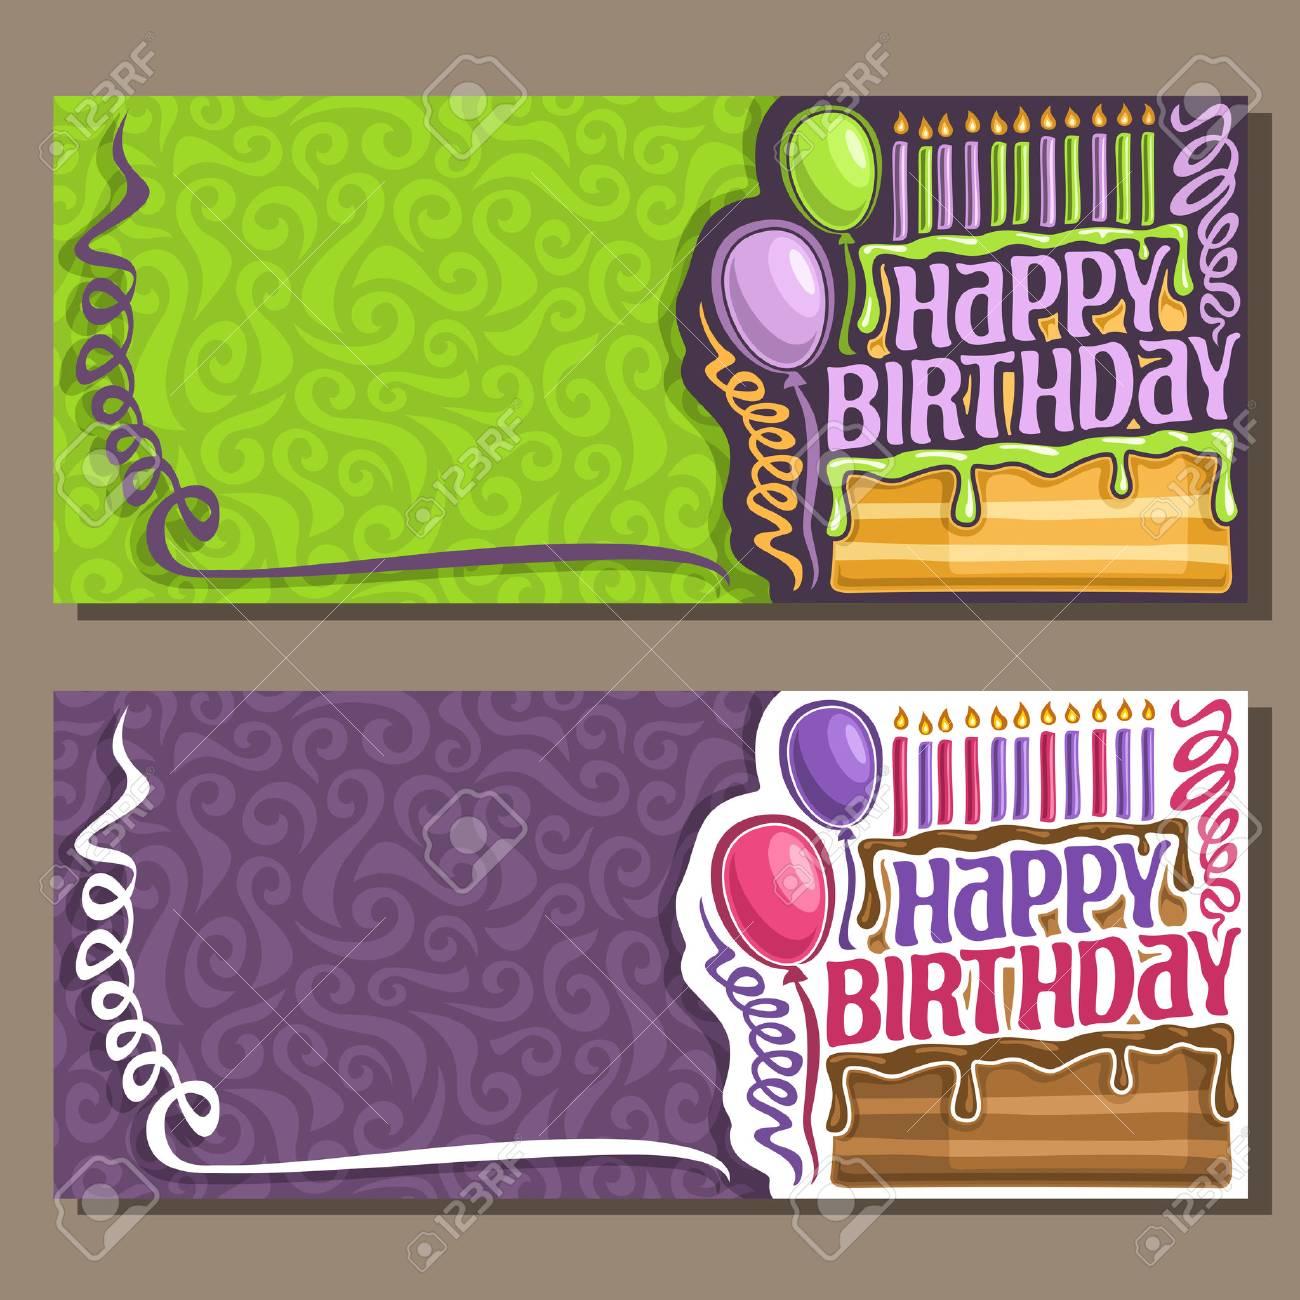 Vector Tarjetas Feliz Cumpleaños Serpentinas Rizadas 11 Velas Encendidas En La Torta Saludo Texto Feliz Cumpleaños Felicitaciones Con Imágenes